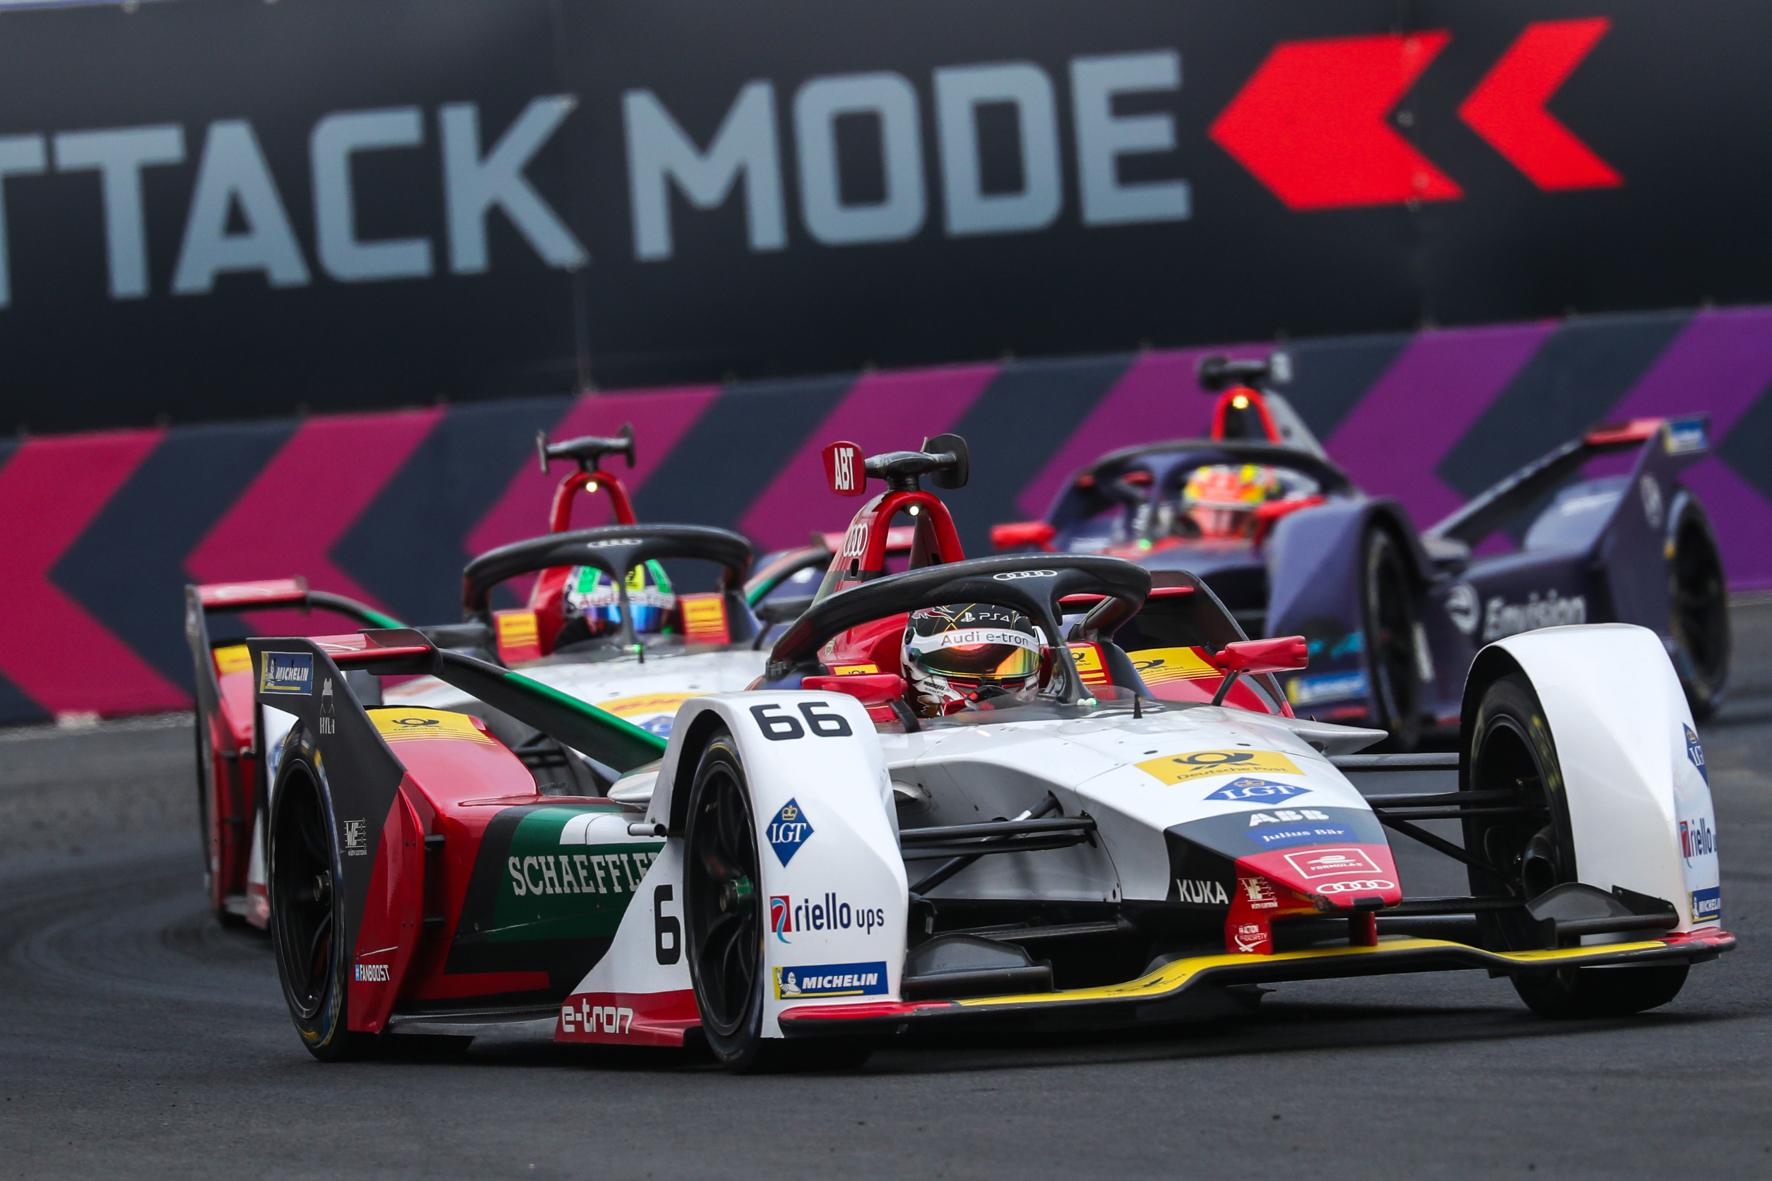 mid Groß-Gerau - Daniel Abt (vorne) holt beim Formel-E-Rennen im chinesischen Sanya als Fünfter wichtige Punkte für das Team Audi Sport Abt Schaeffler Audi